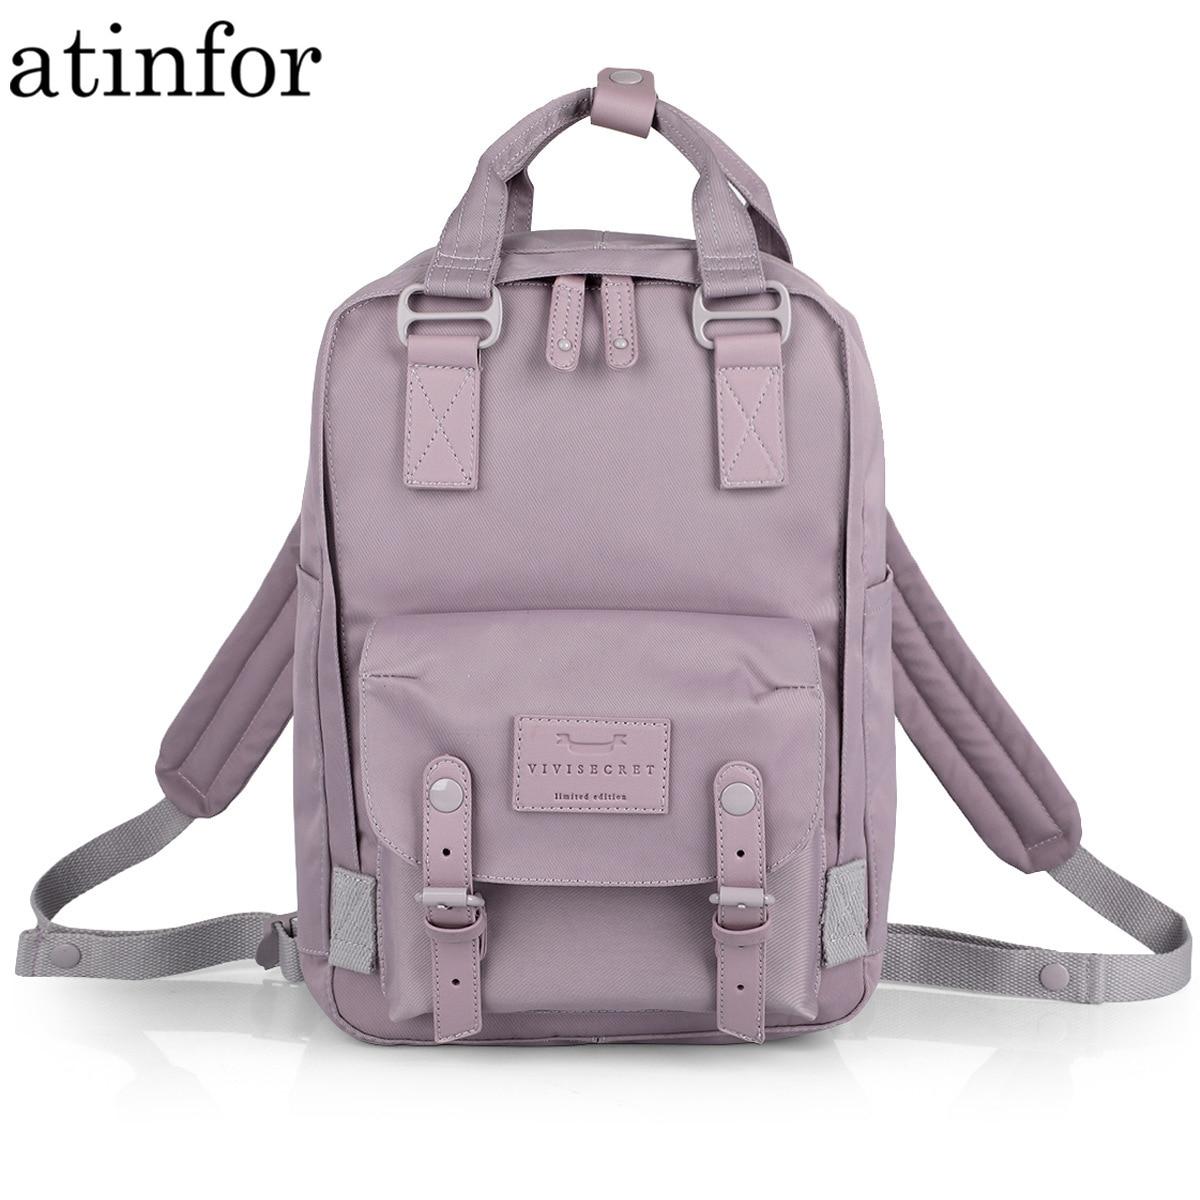 عالية الجودة مصمم لطيف مقاوم للماء حقيبة من القماش النساء اليومية حقيبة سفر الإناث حقيبة مدرسية للمراهقين Bookbag الفاخرة